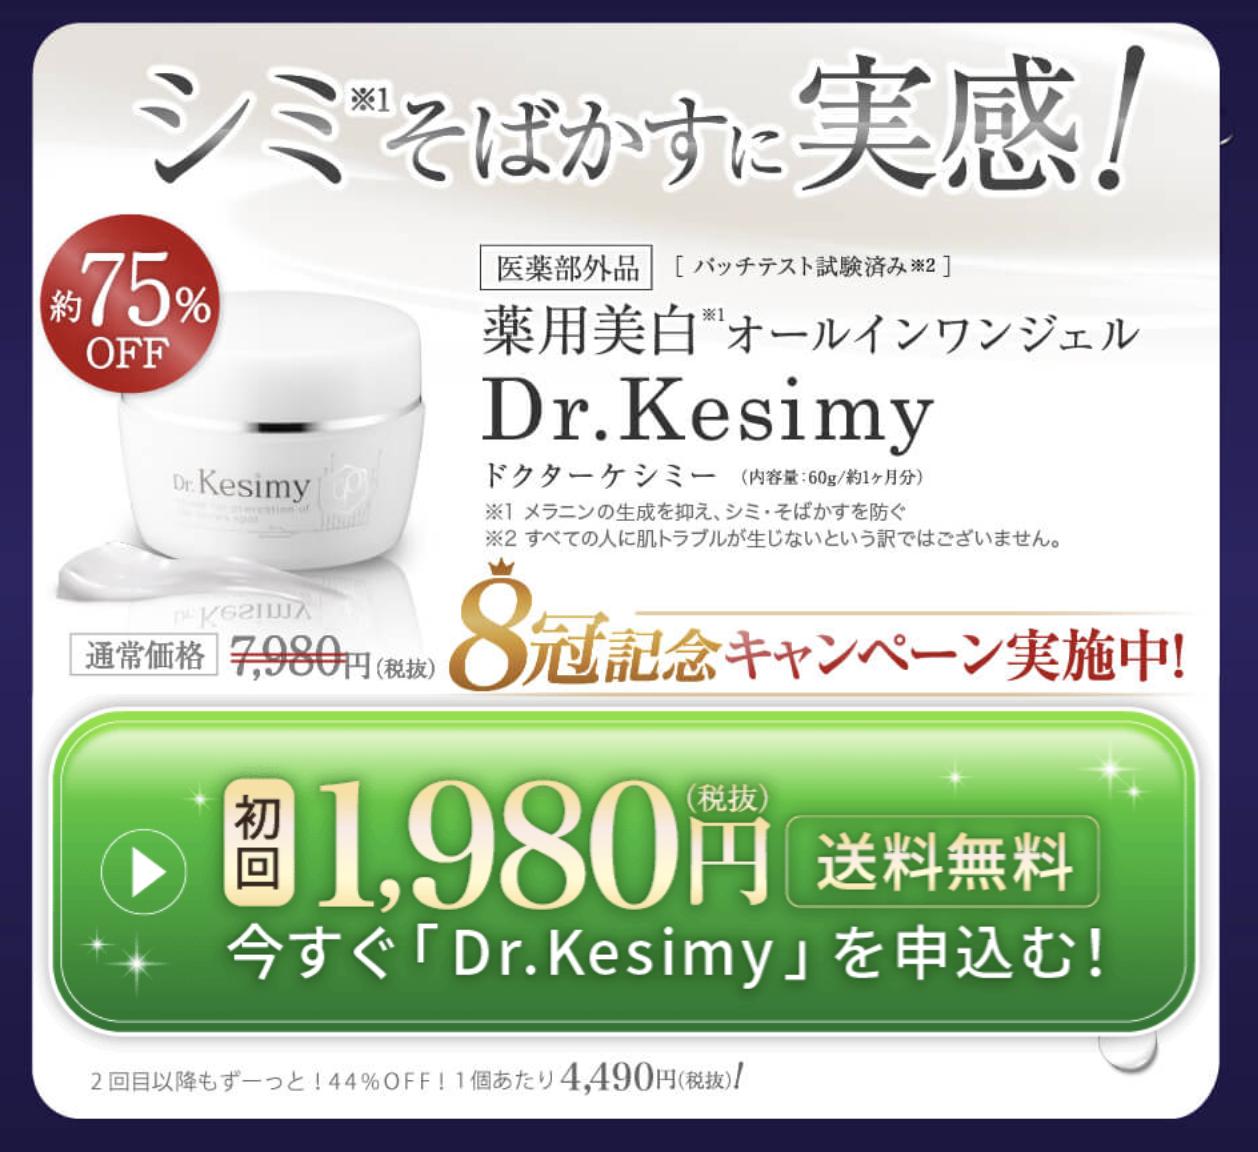 Kesimy dr